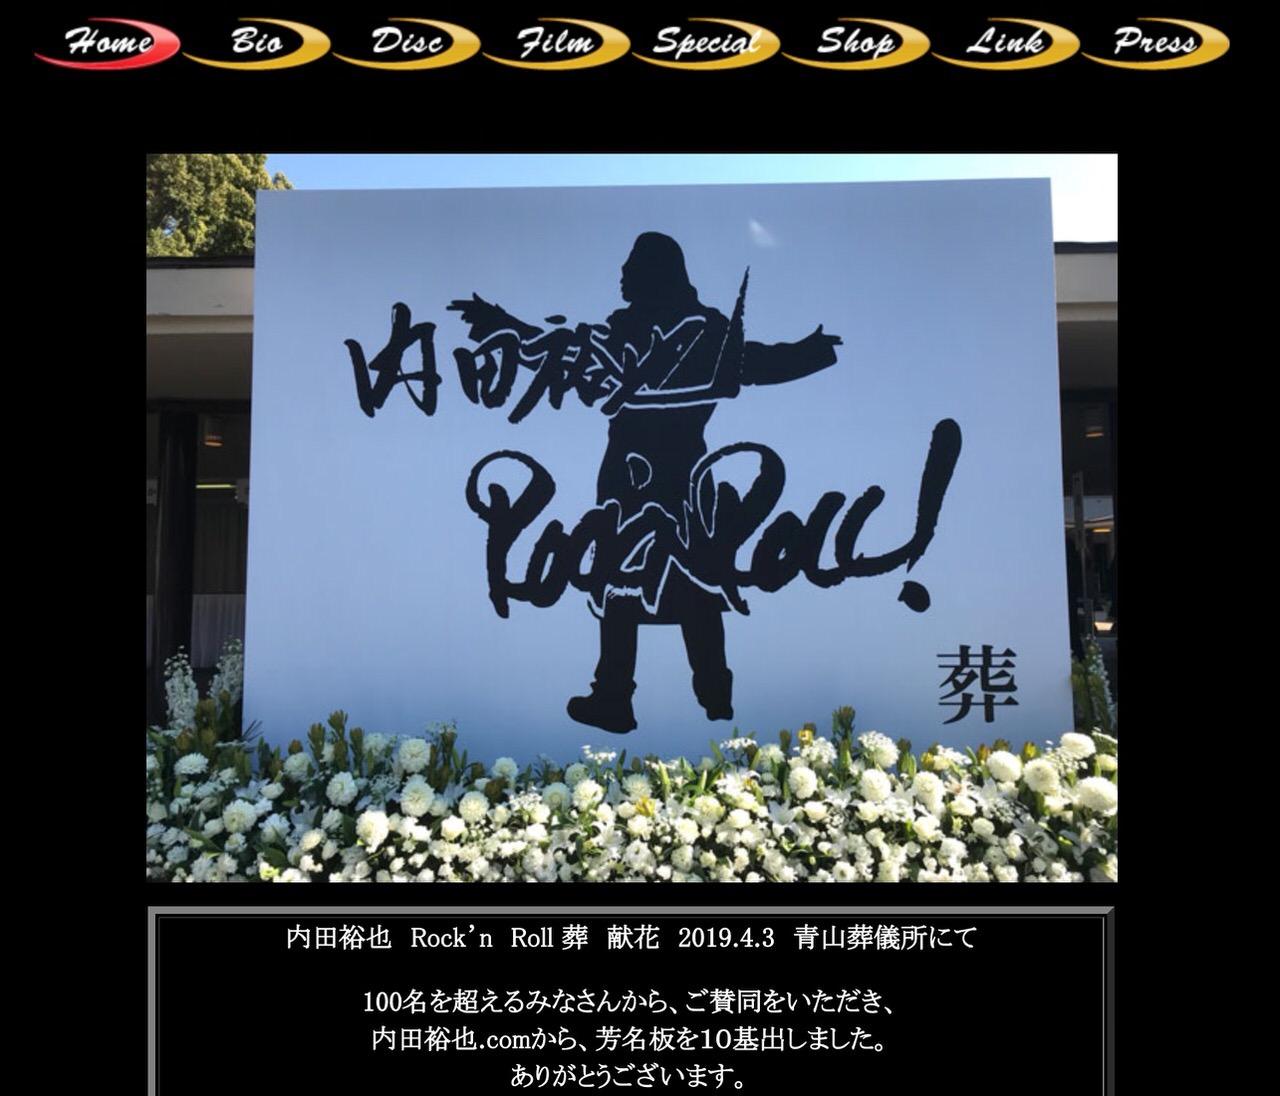 内田裕也ロックンロール葬での内田也哉子の謝辞「don't rest in peace just Rock'n Roll!」